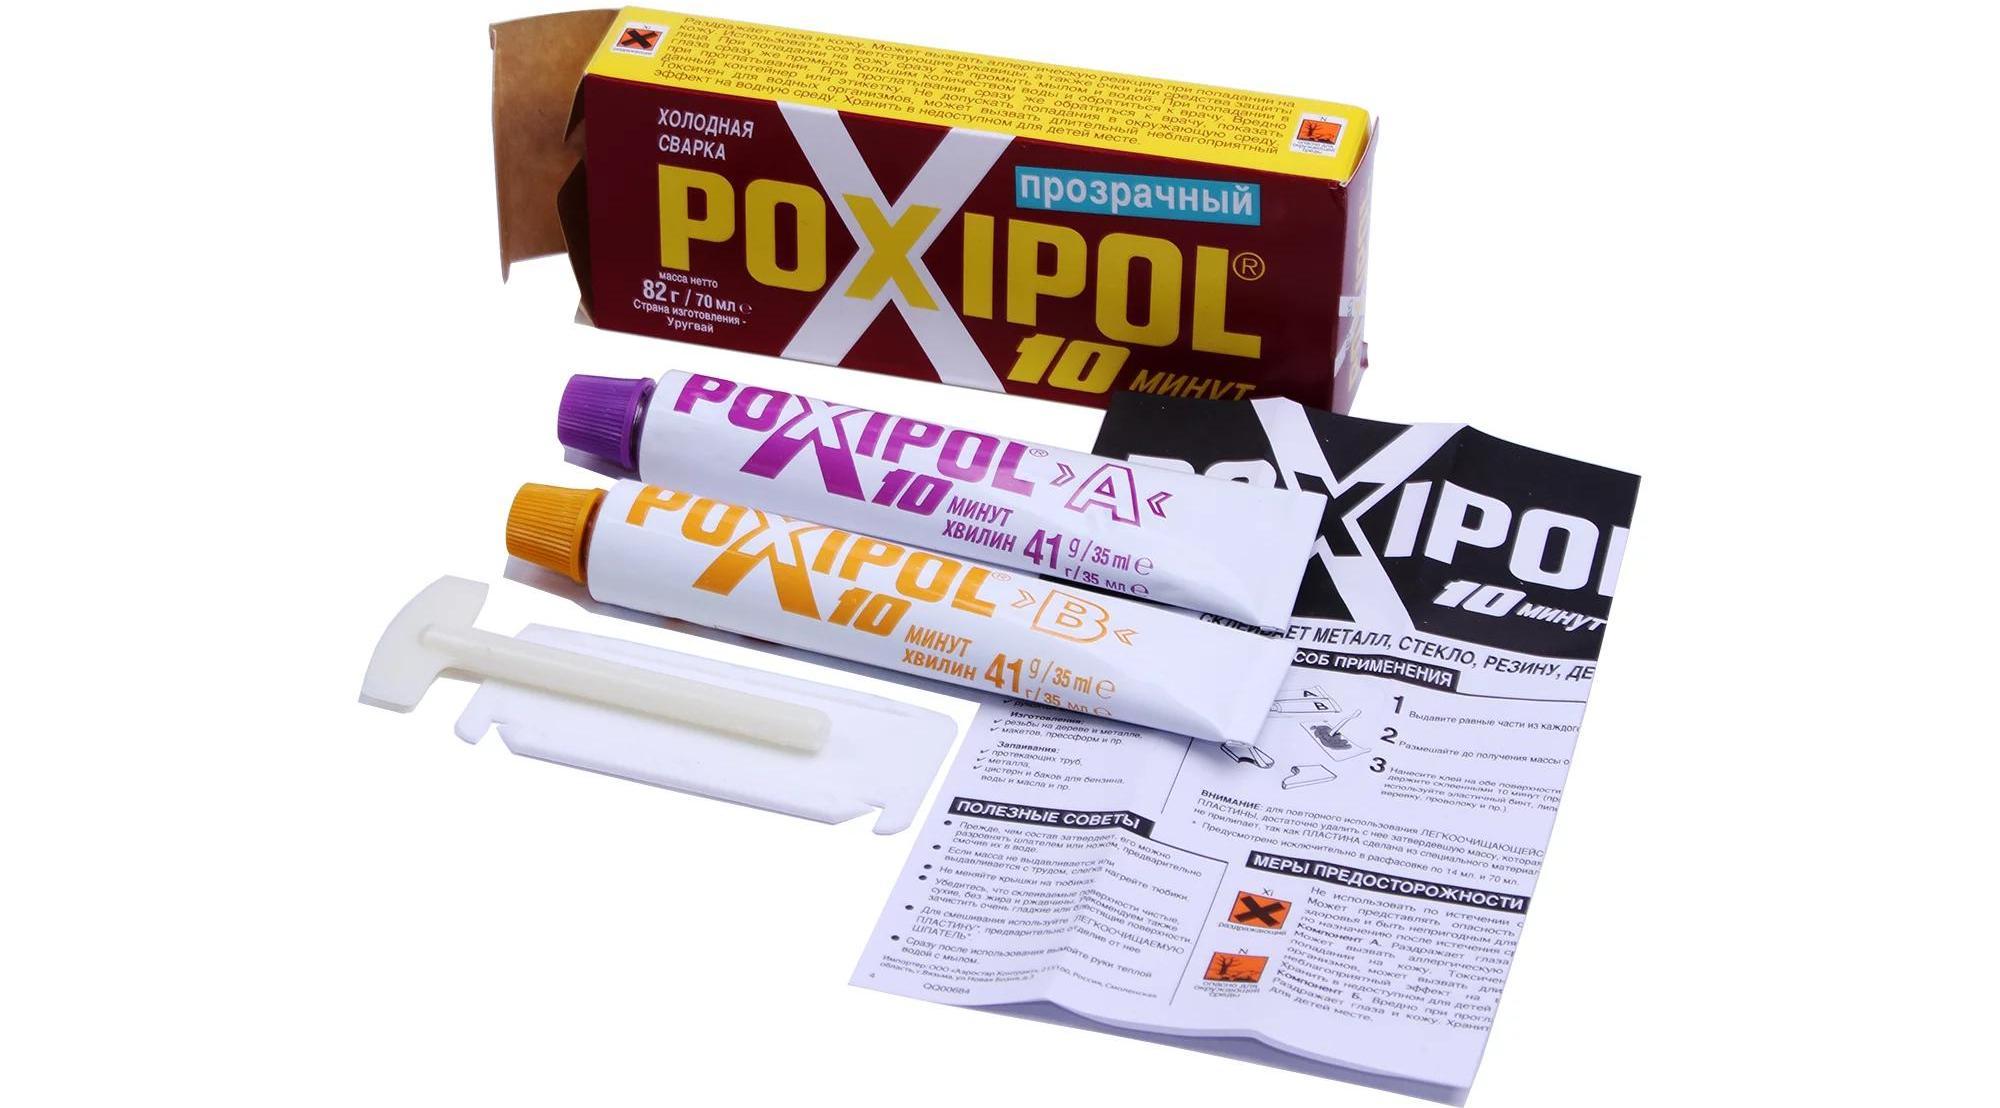 Холодная сварка poxipol (19 фото): инструкция по применению.